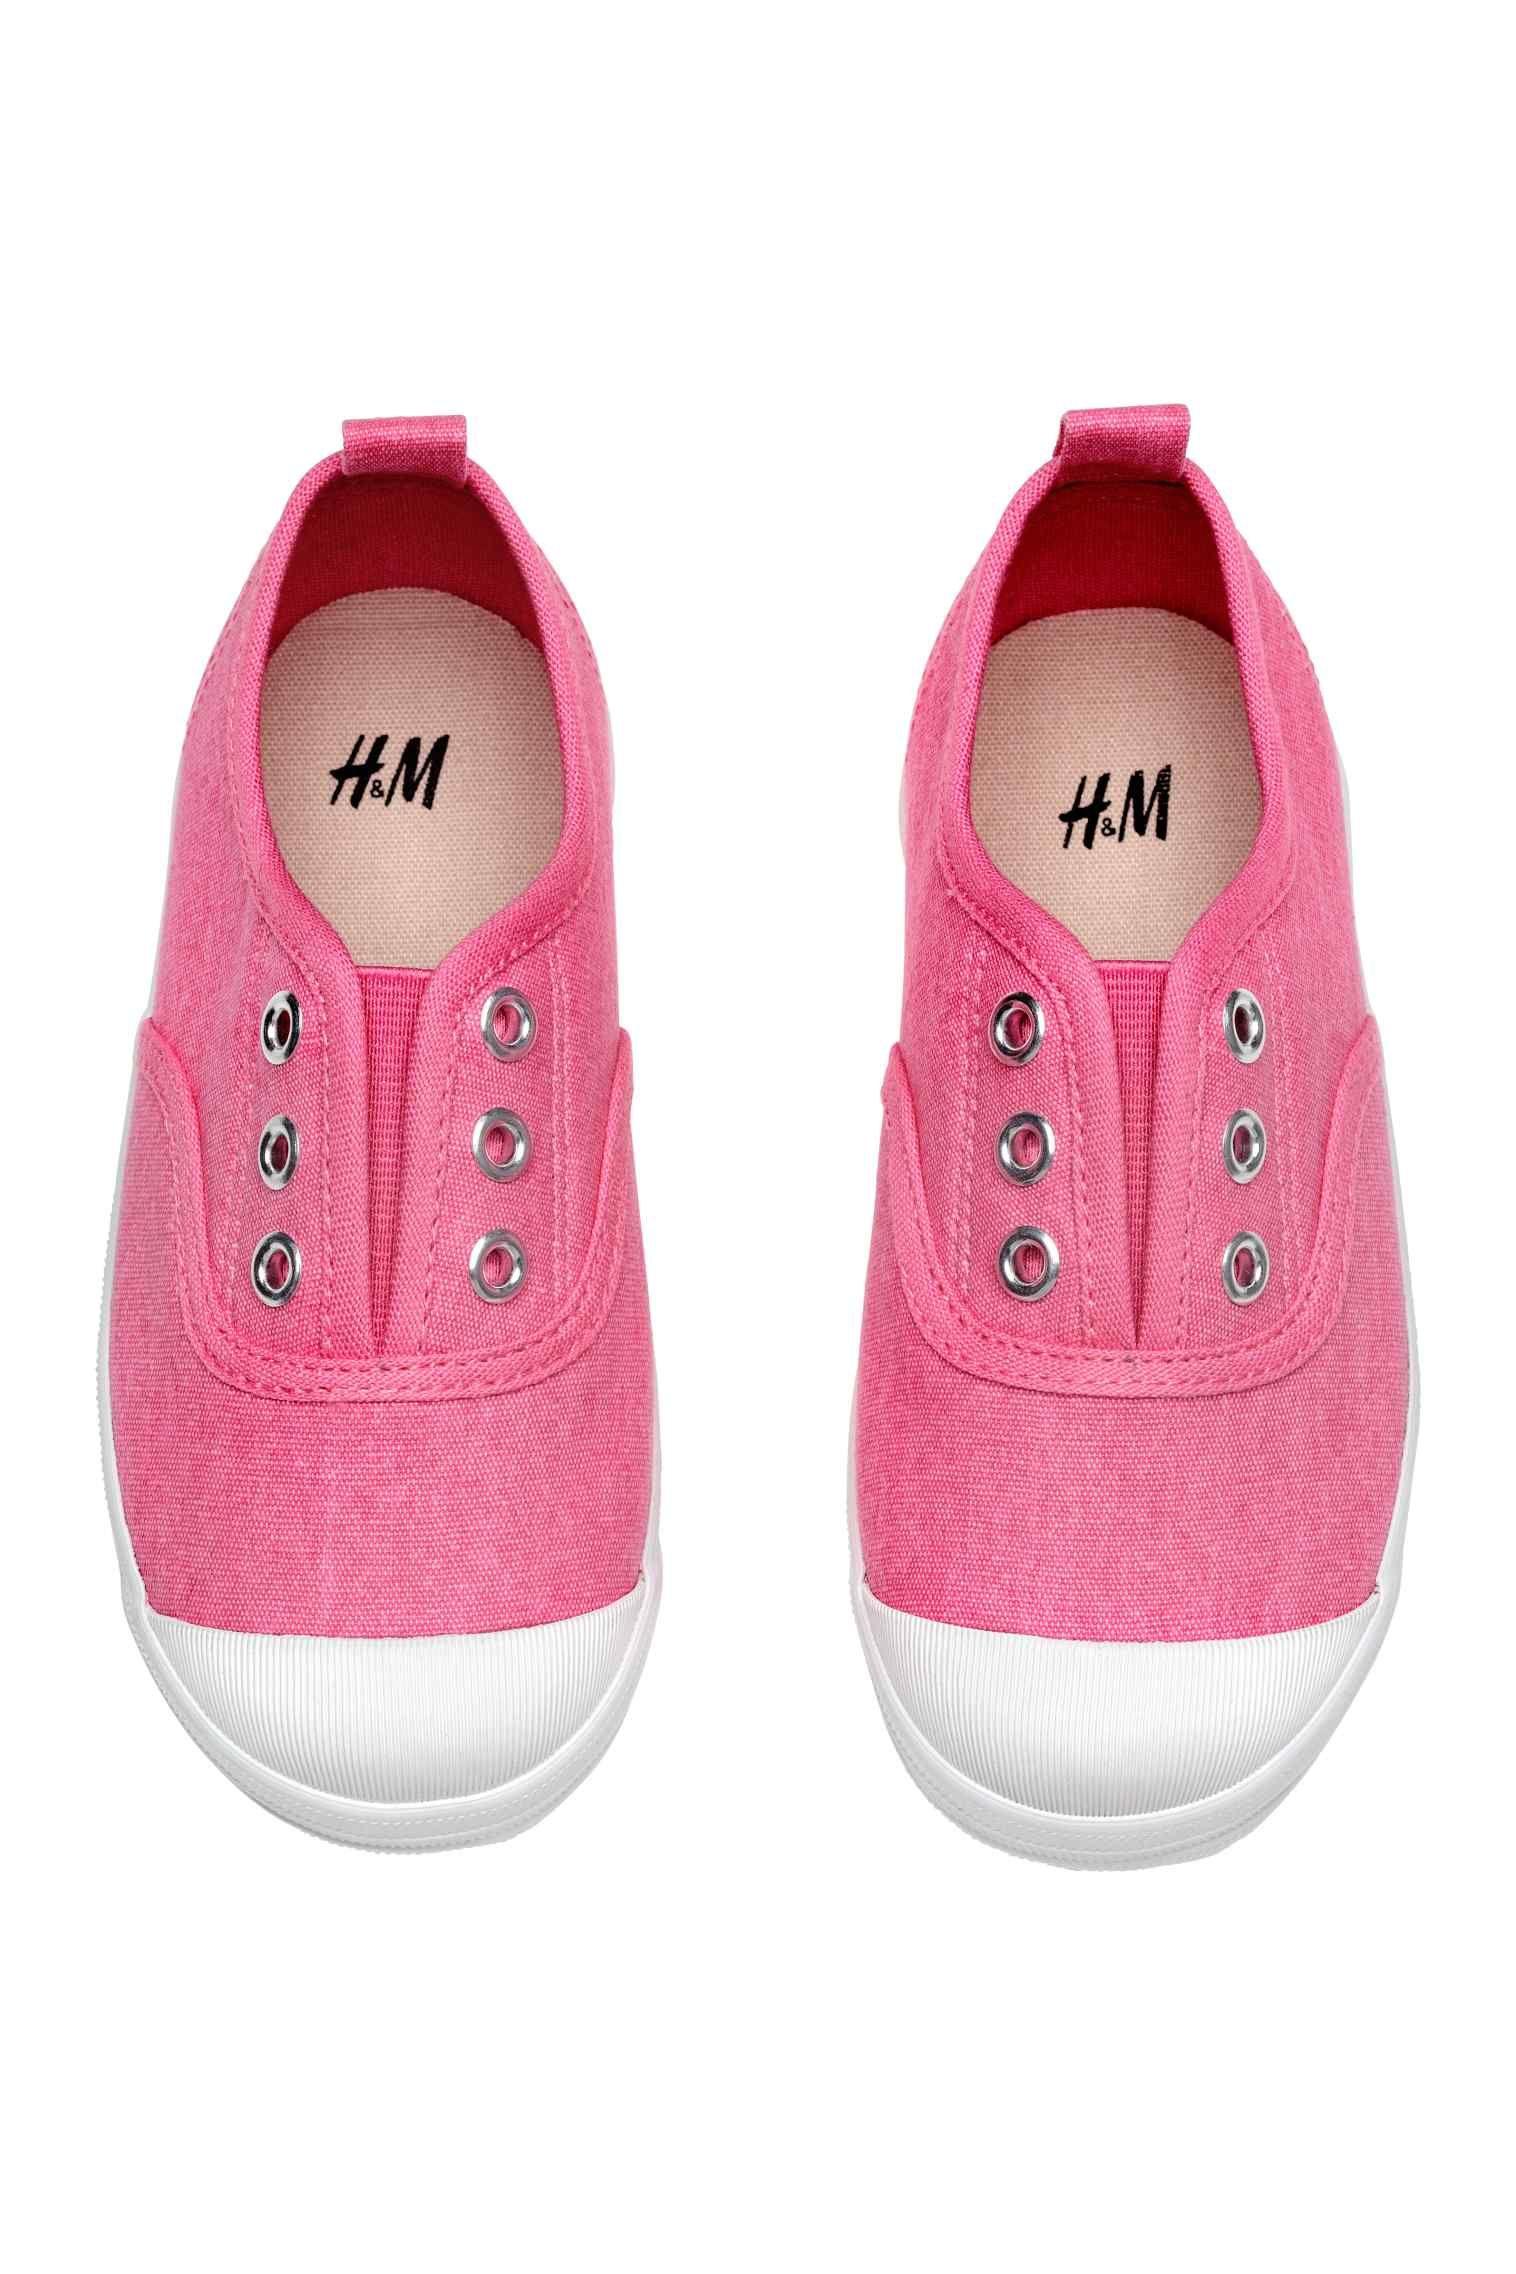 90ec45f5 Buty sportowe z bawełnianego płótna. Z przodu kryta elastyczna wstawka,  gumowe czubki palców, pętelka z tyłu. Tekstylne podeszwy wewnętrzne i  gumowe podeszw